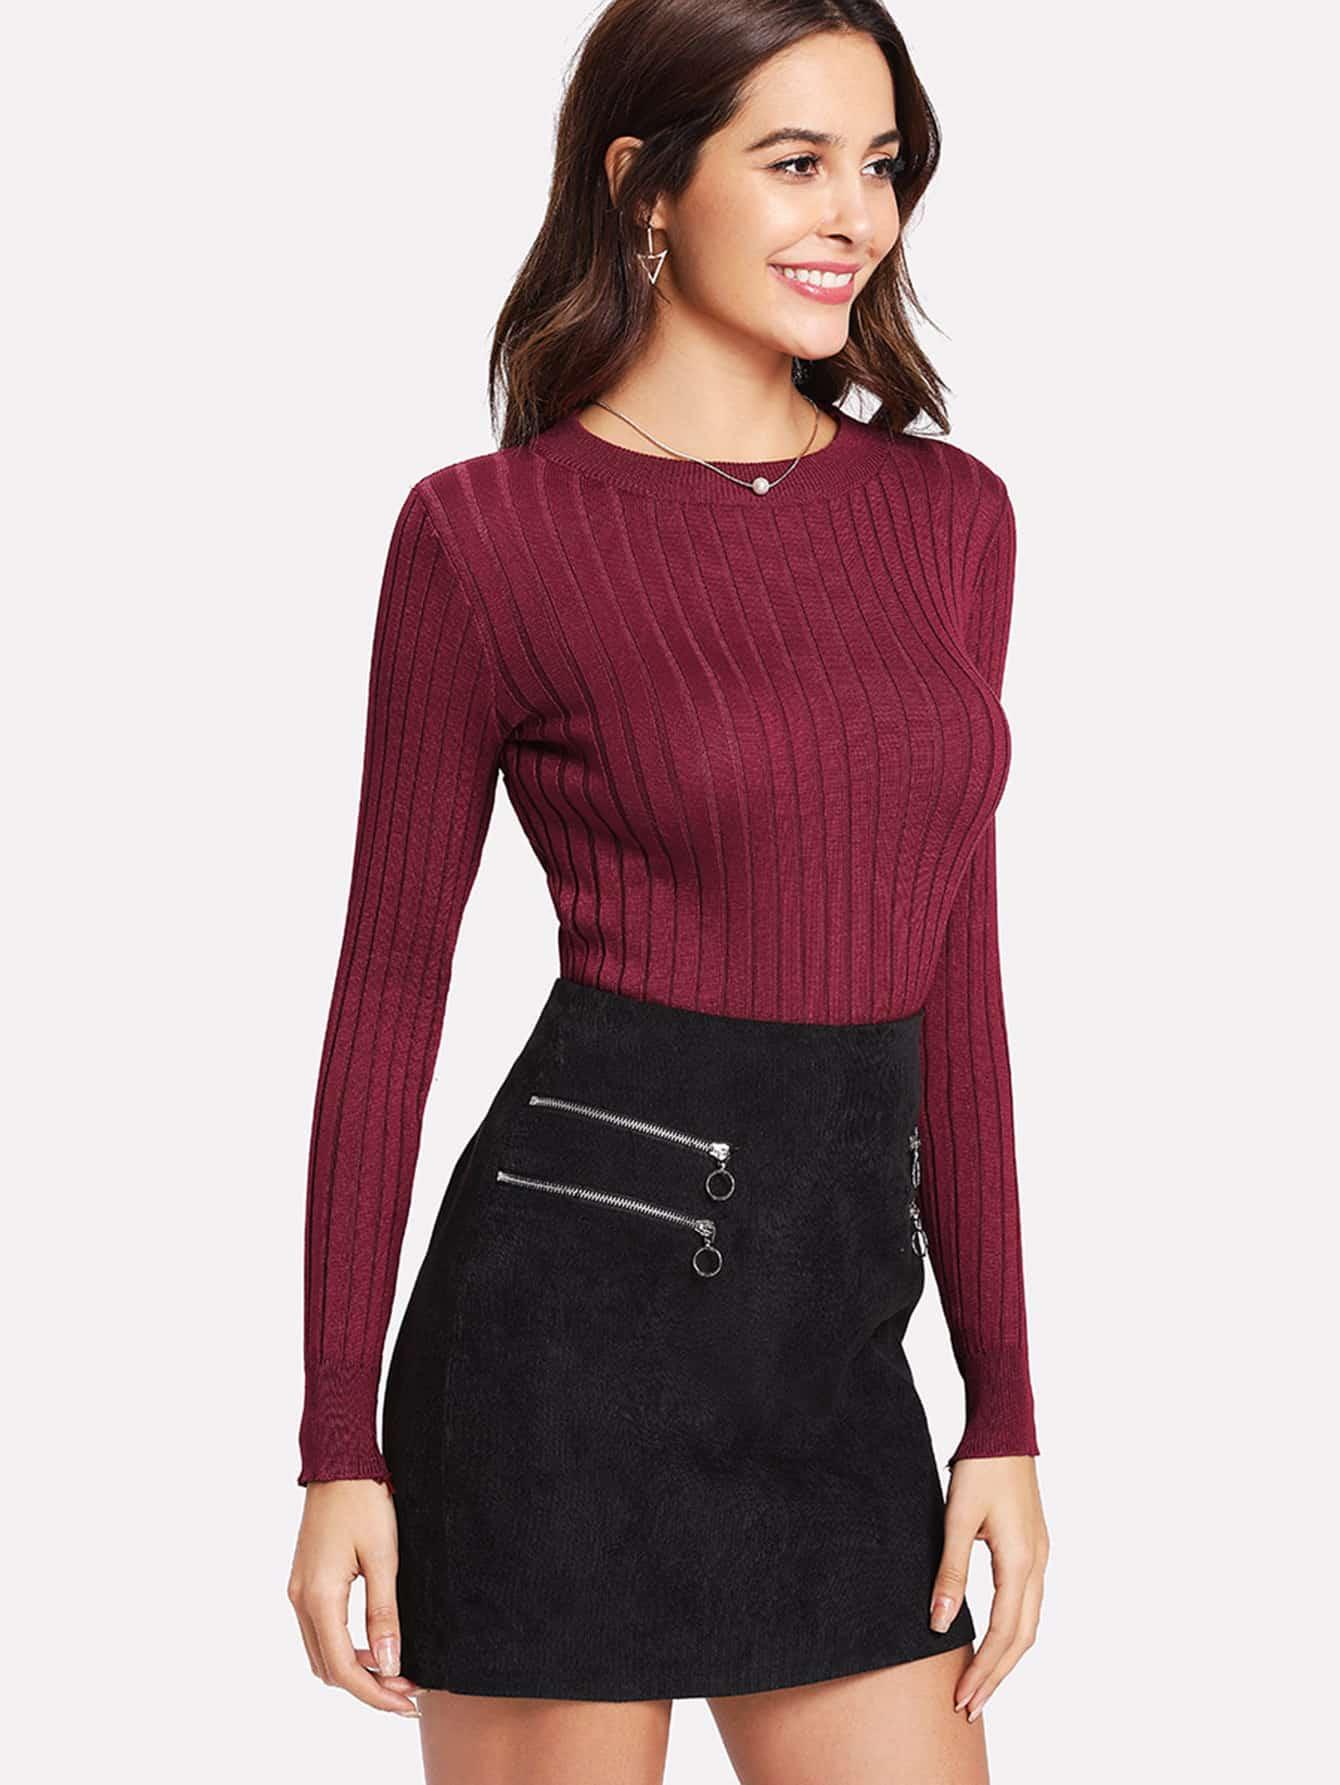 Rib Knit Turtleneck Sweater   ROMWE